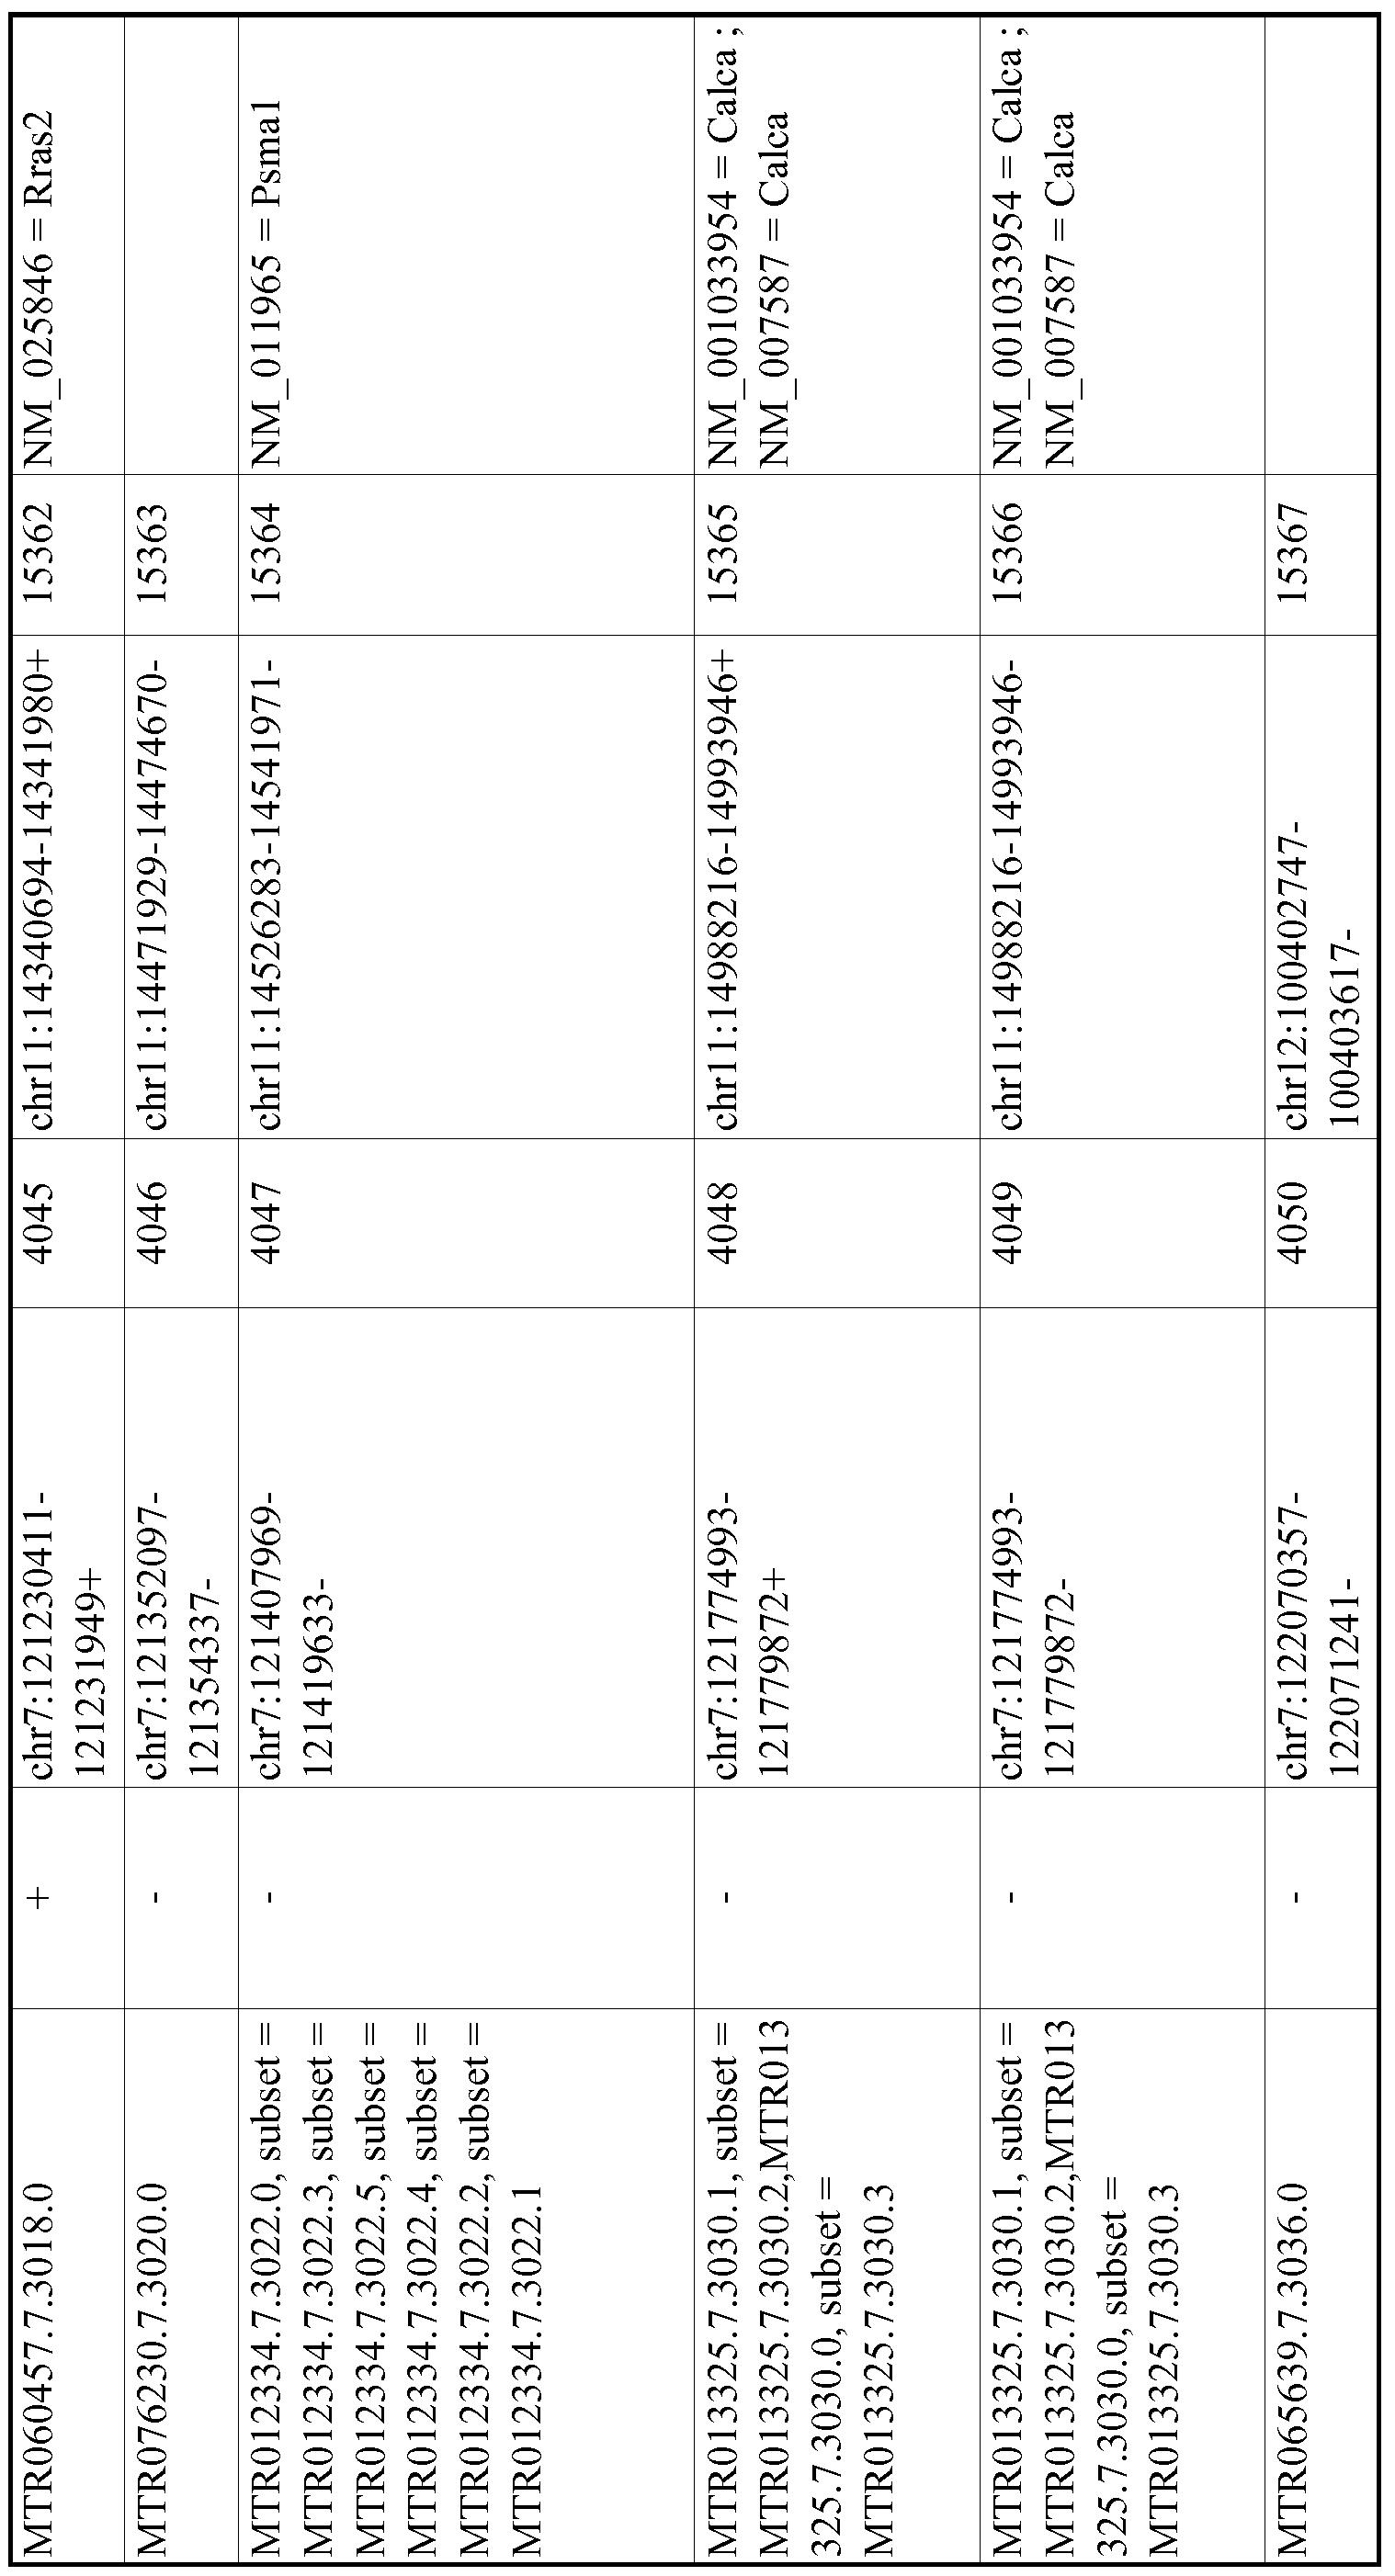 Figure imgf000768_0001